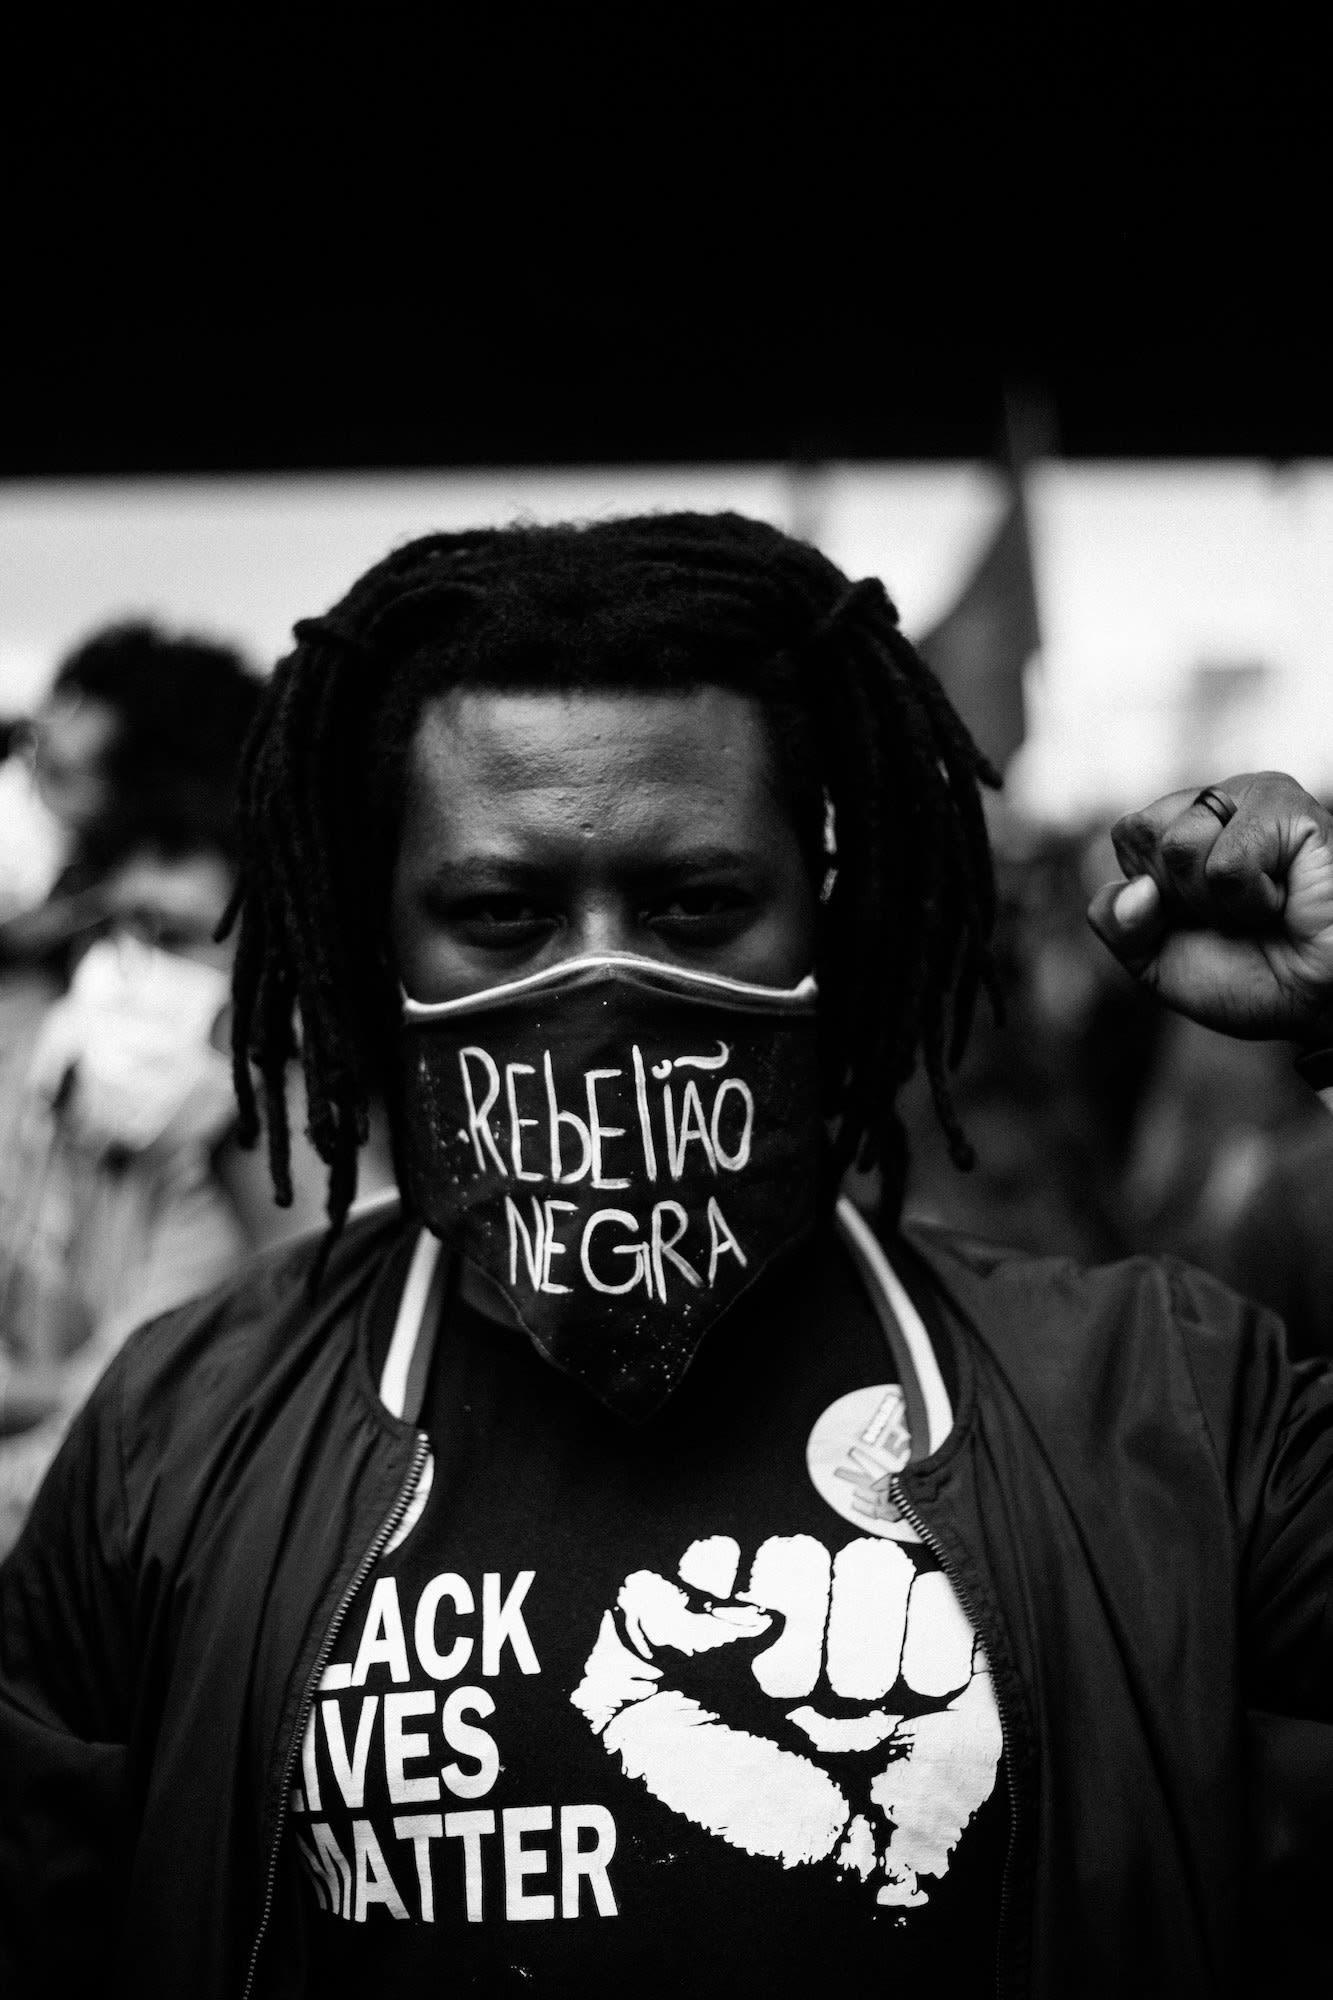 Homem negro de dreadlocks curtos com punho levantado, camiseta Black Lives Matter e máscara com os dizeres REBELIAO NEGRA.